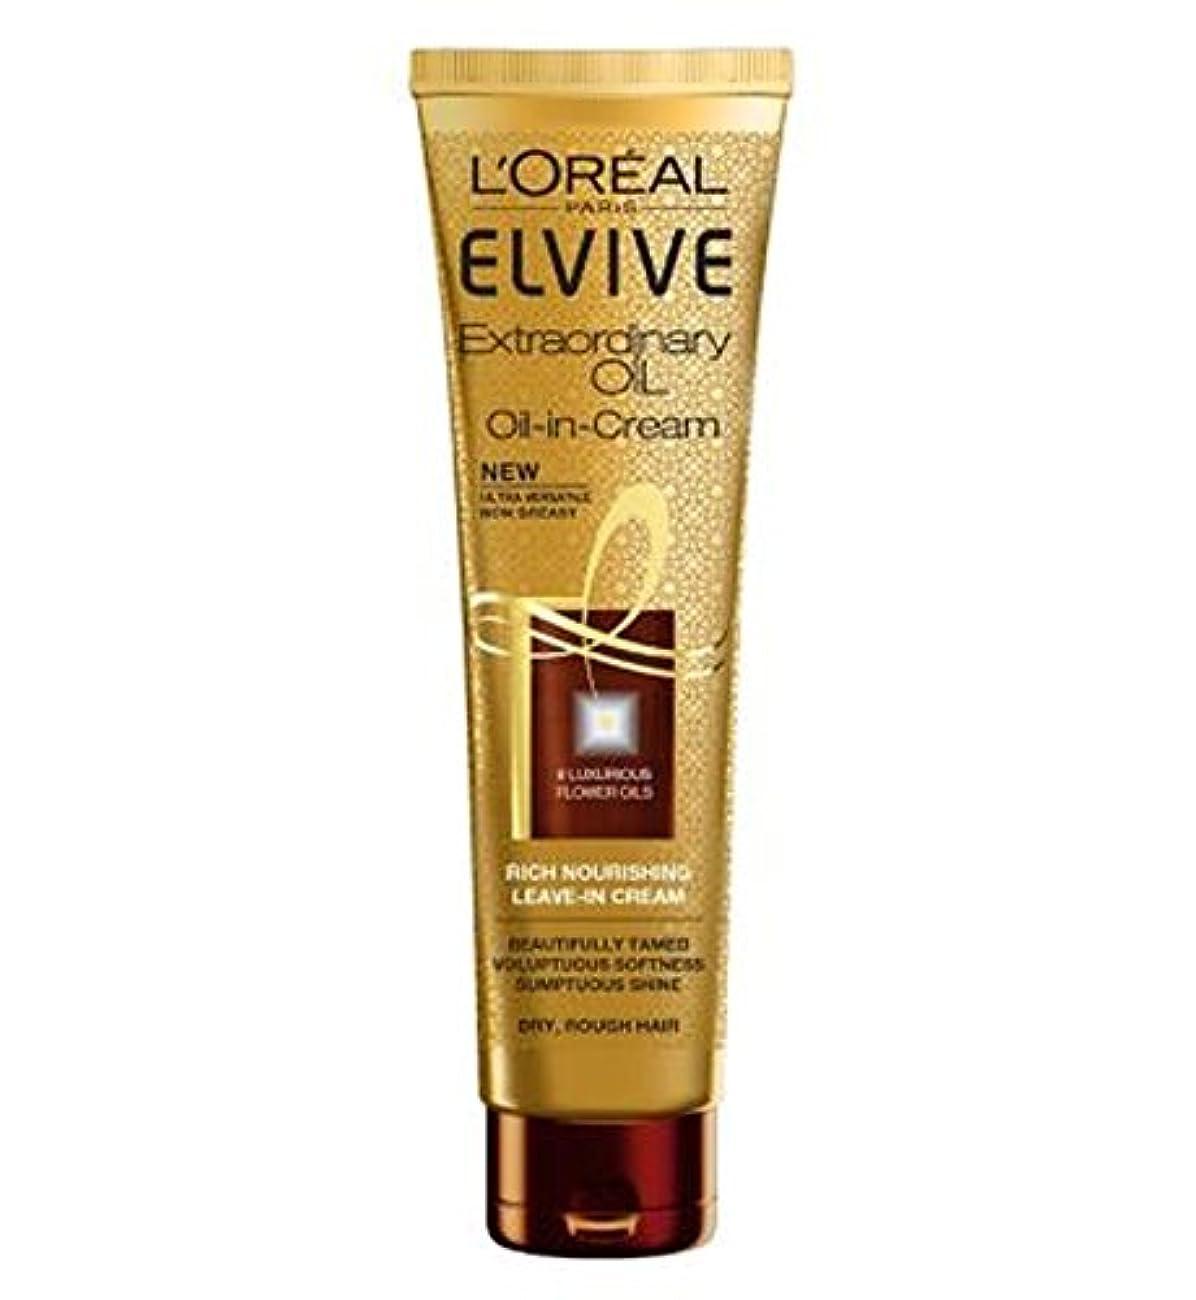 メジャー砲兵確認してくださいクリーム乾いた髪でロレアルパリElvive臨時オイル (L'Oreal) (x2) - L'Oreal Paris Elvive Extraordinary Oil in Cream Dry Hair (Pack of 2) [並行輸入品]